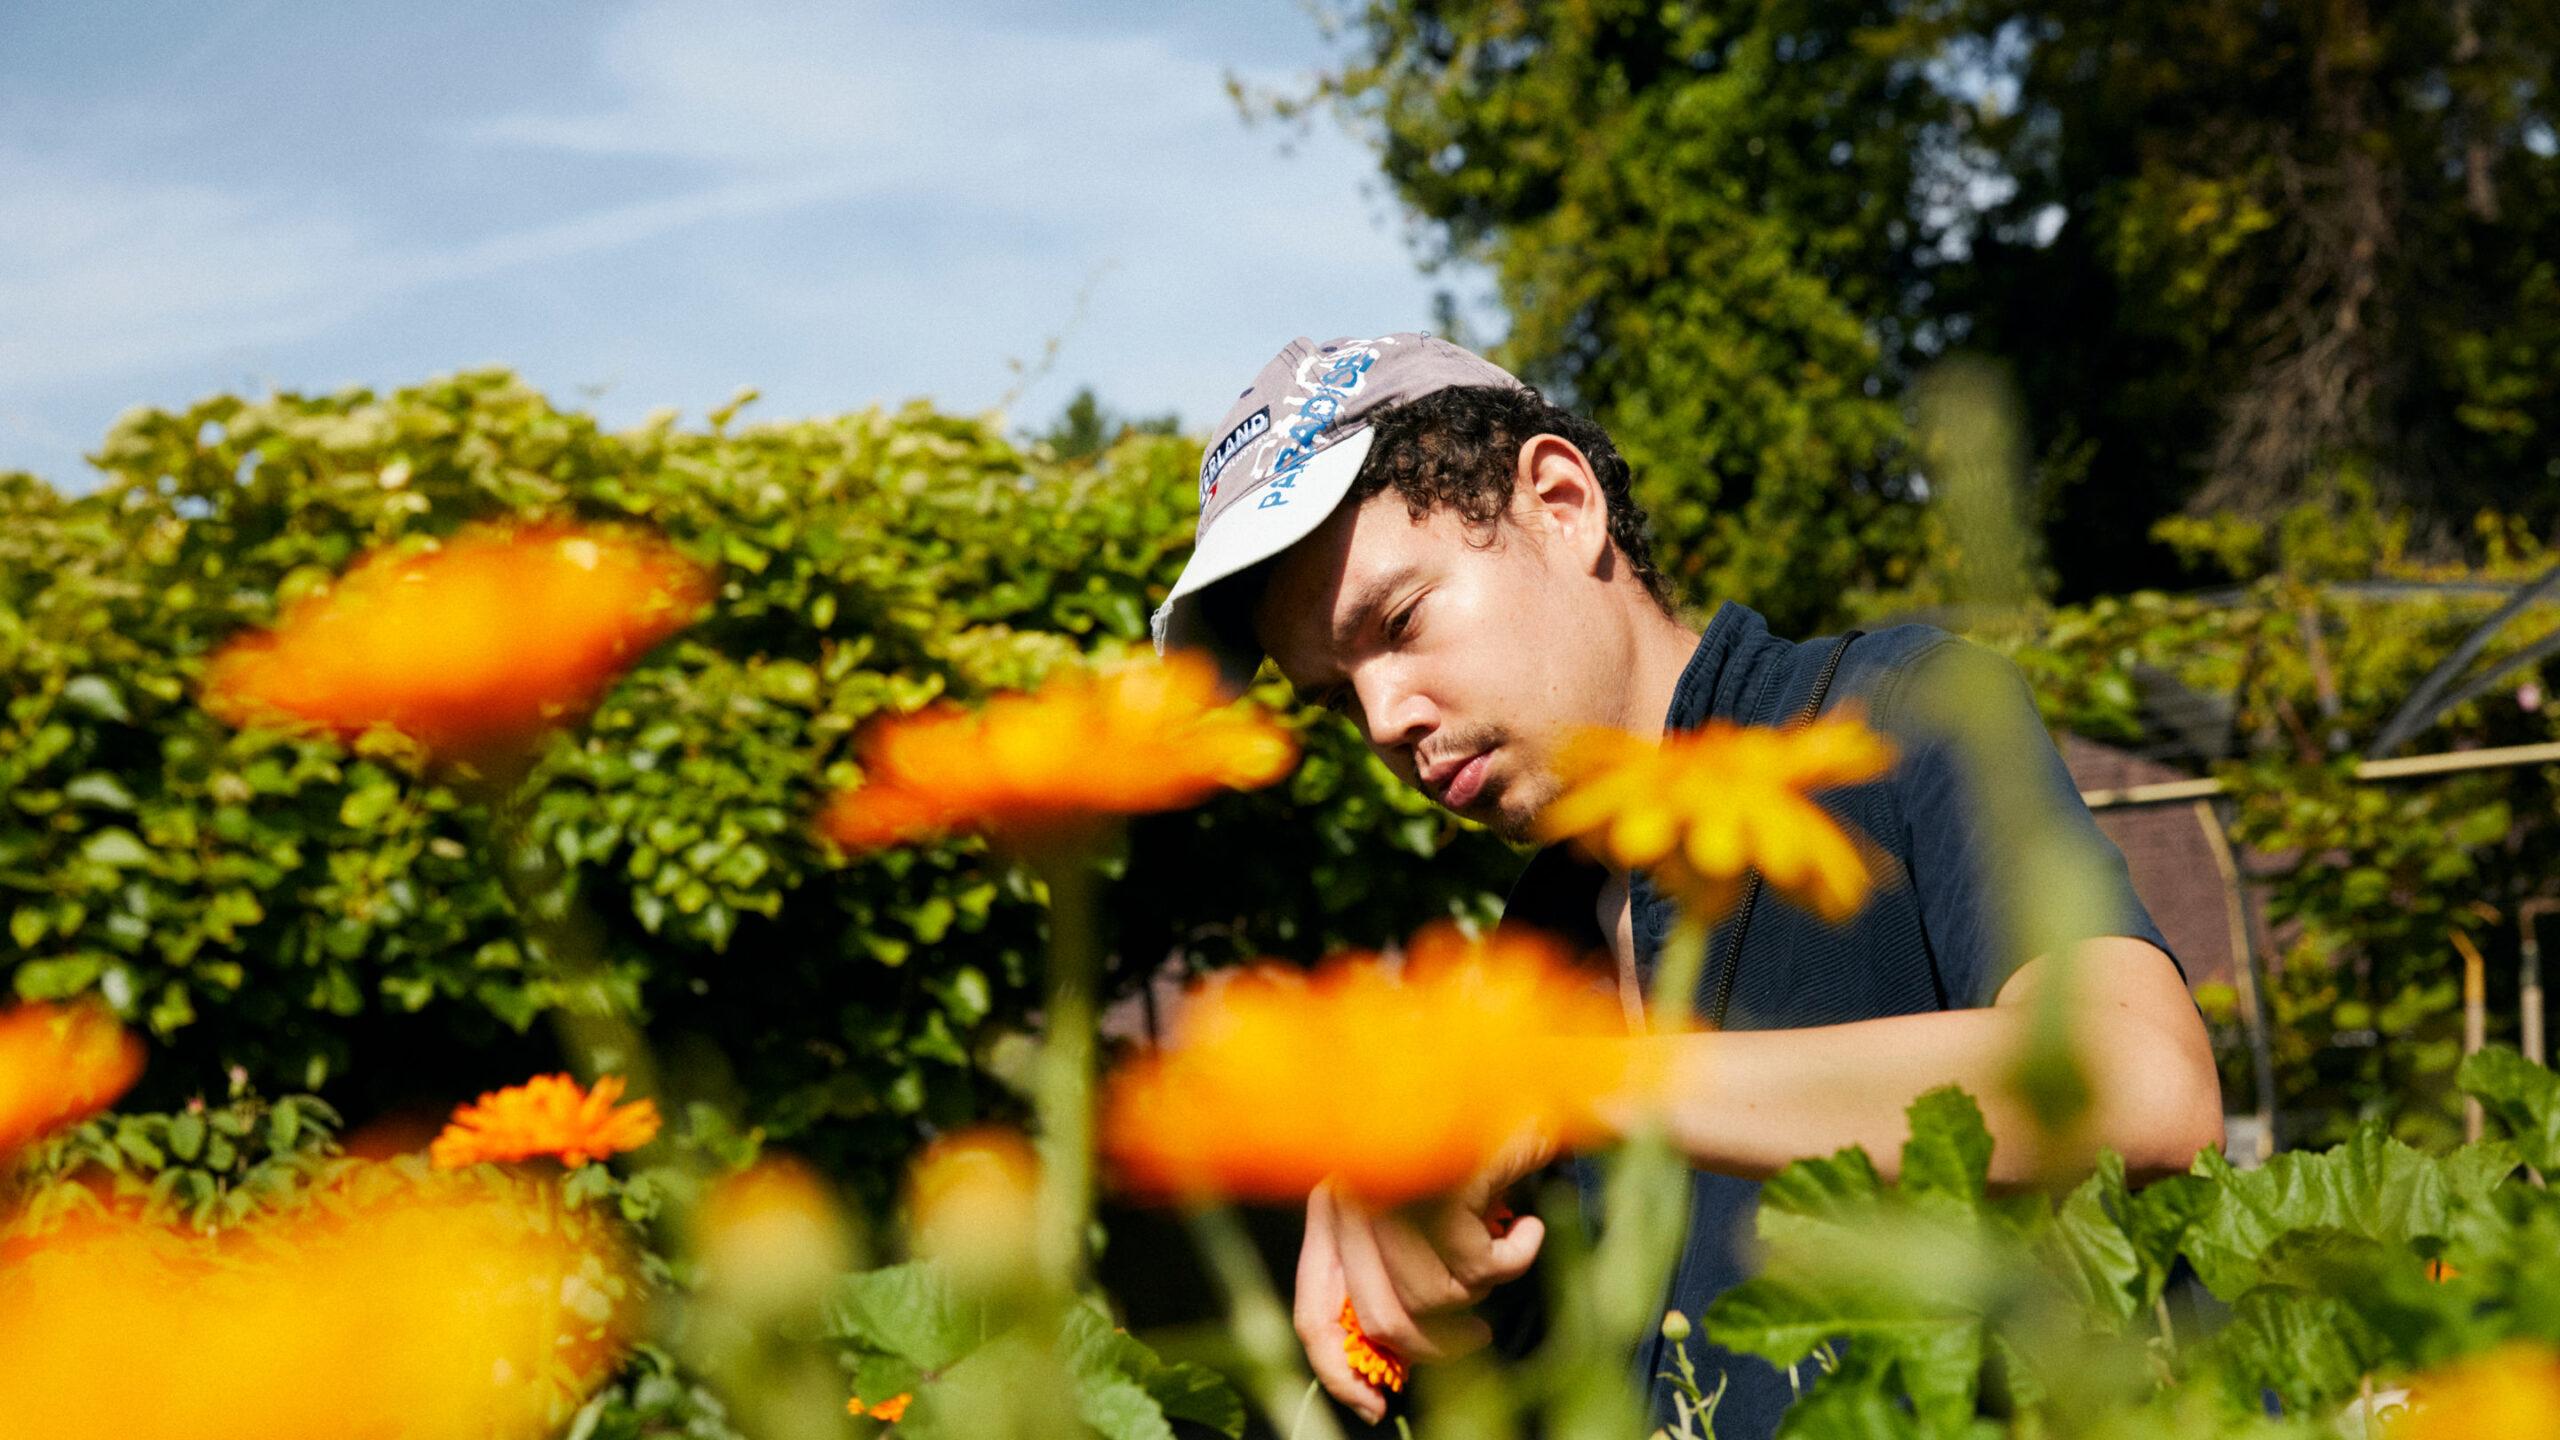 Junger Mann mit Behinderung im Blumen- und Kräutergarten auf dem Biohof der Martin Stiftung. Er pflückt Blüten der Ringelblume.